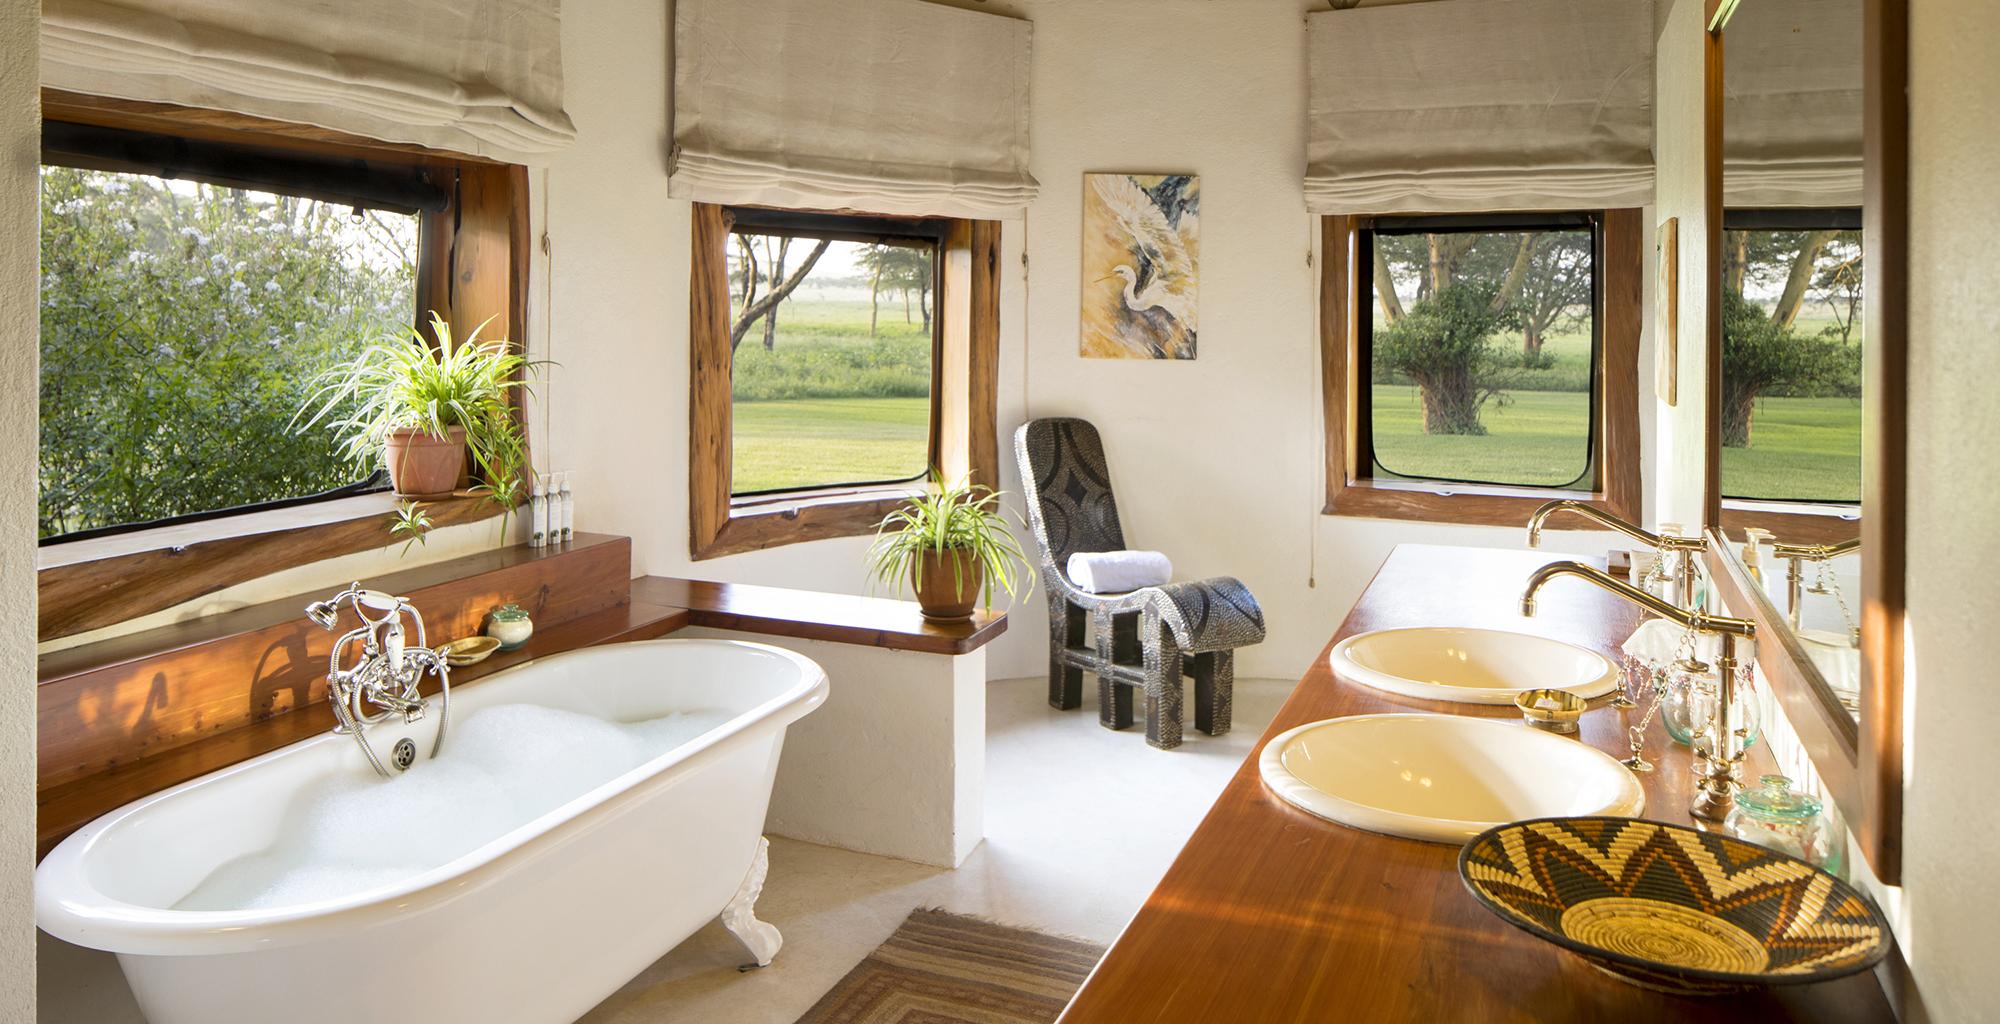 Kenya-Sirikoi-House-Bathroom